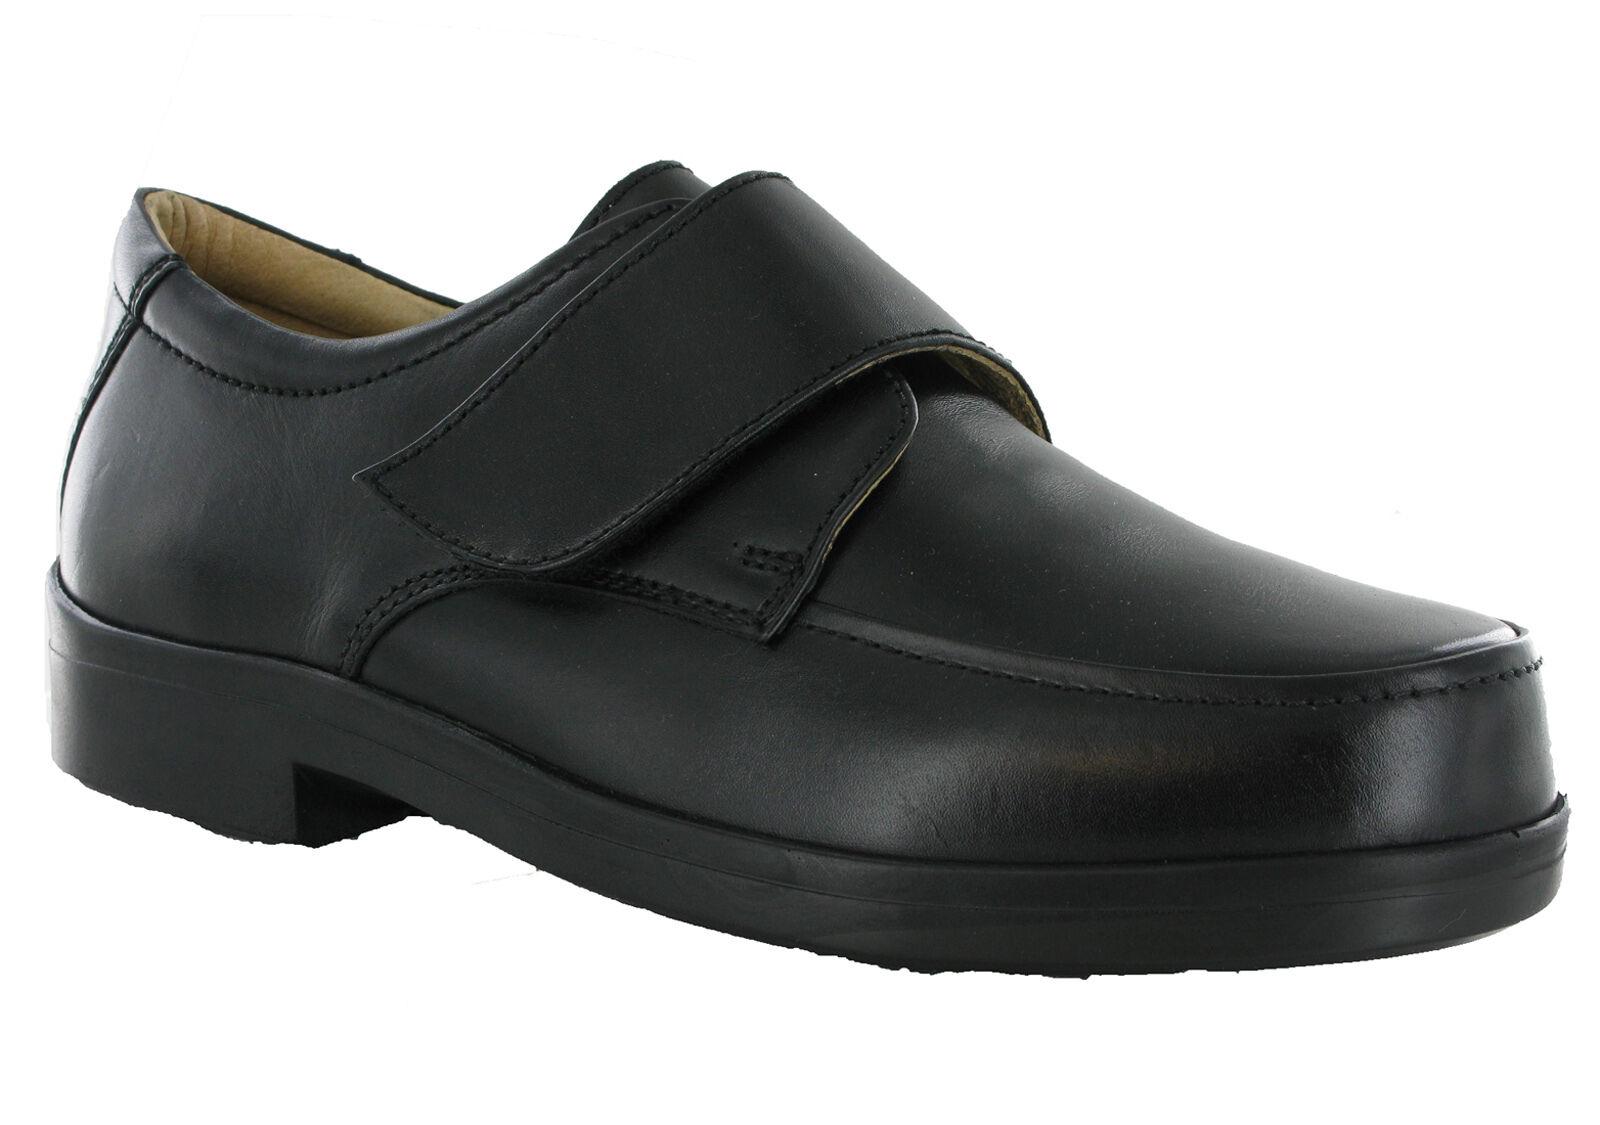 Usuarios itinerantes Extra Ancho Cuero Ligero Hombre EEE Ajuste Ajustable para Hombre Ligero Zapatos ab1292